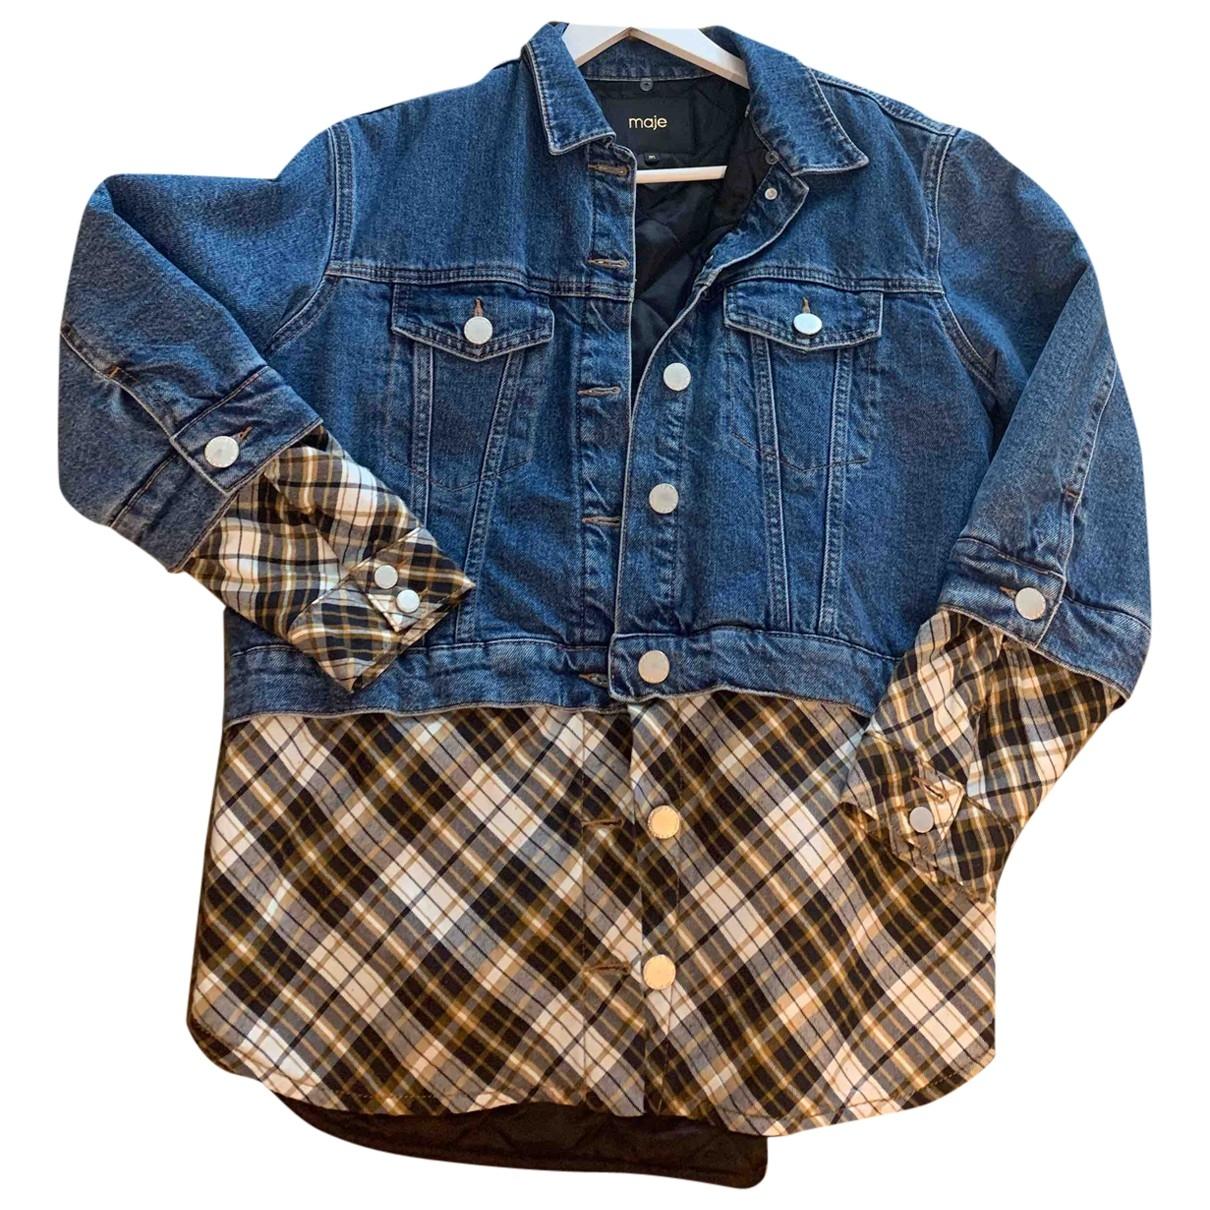 Maje Fall Winter 2019 Blue Denim - Jeans jacket for Women 36 FR